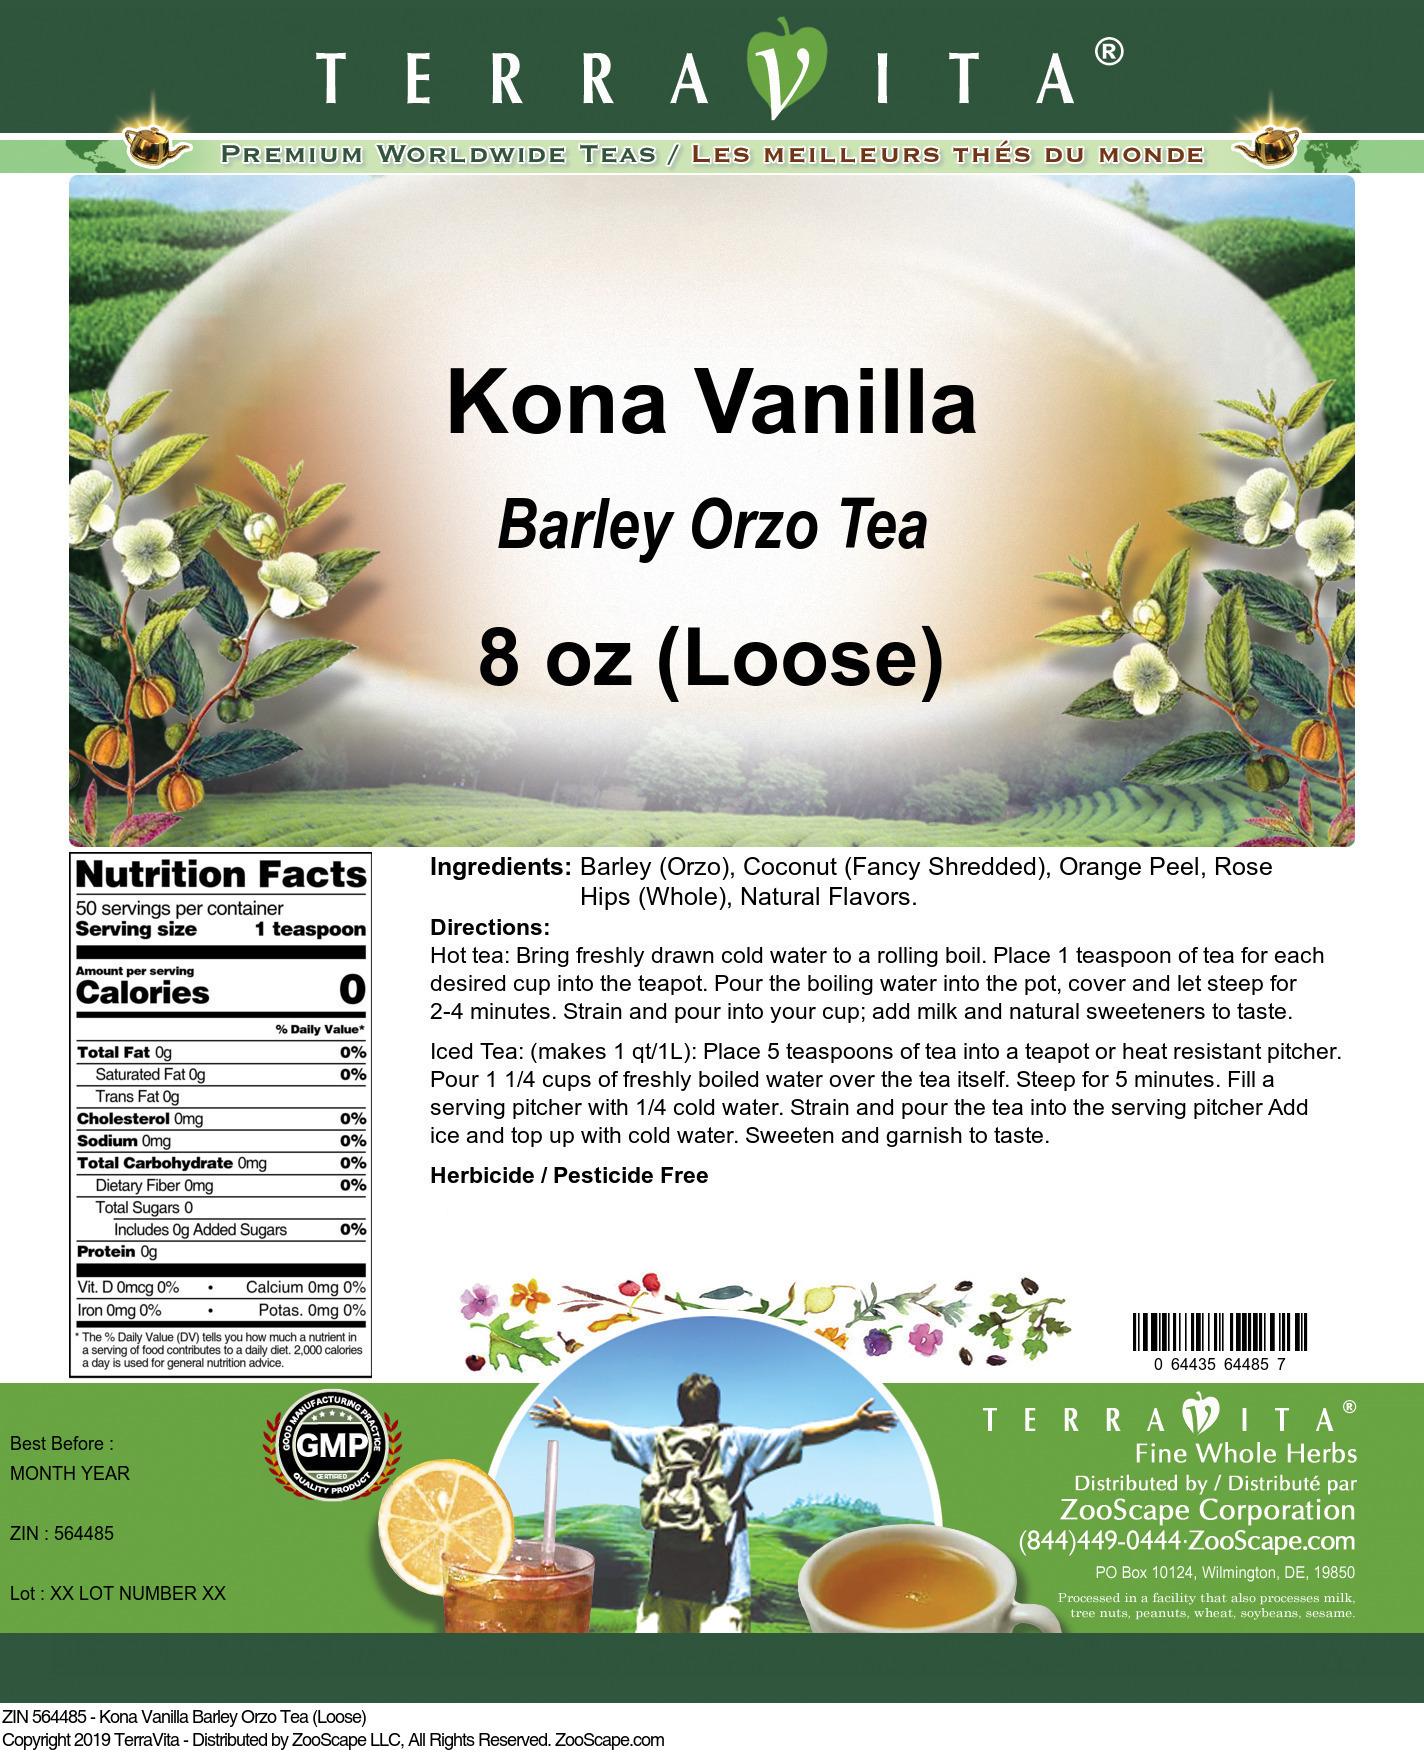 Kona Vanilla Barley Orzo Tea (Loose)